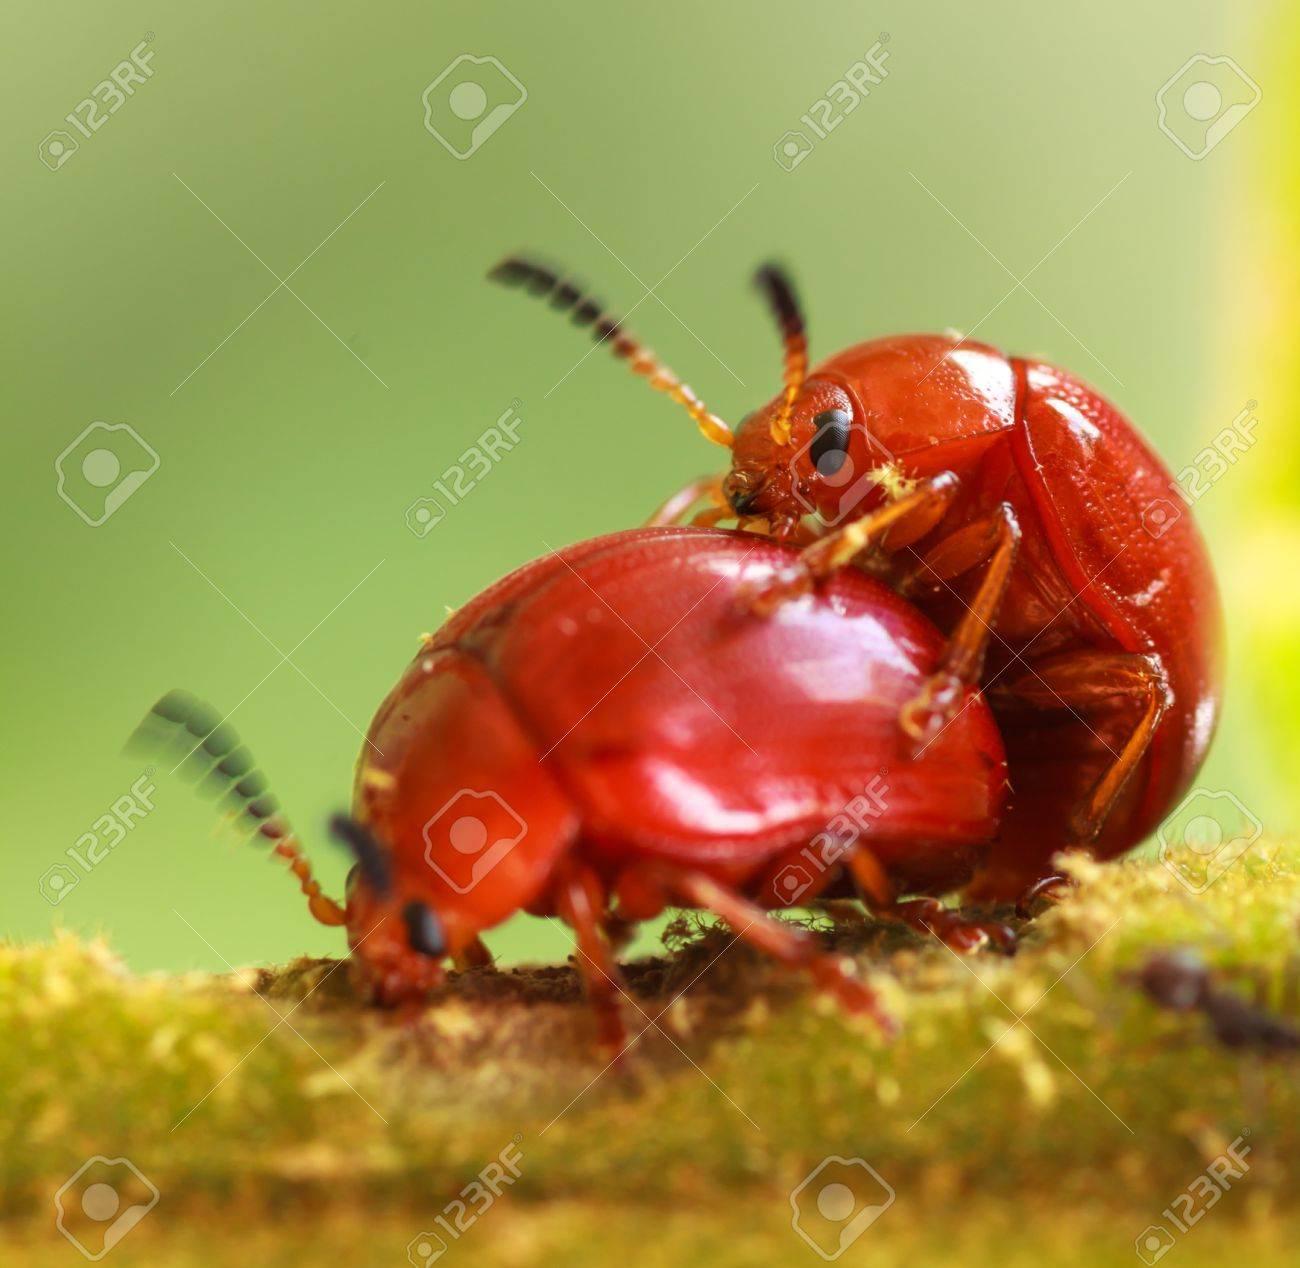 Orange Käfer Arten In Der Natur Oder Im Garten Lizenzfreie Fotos